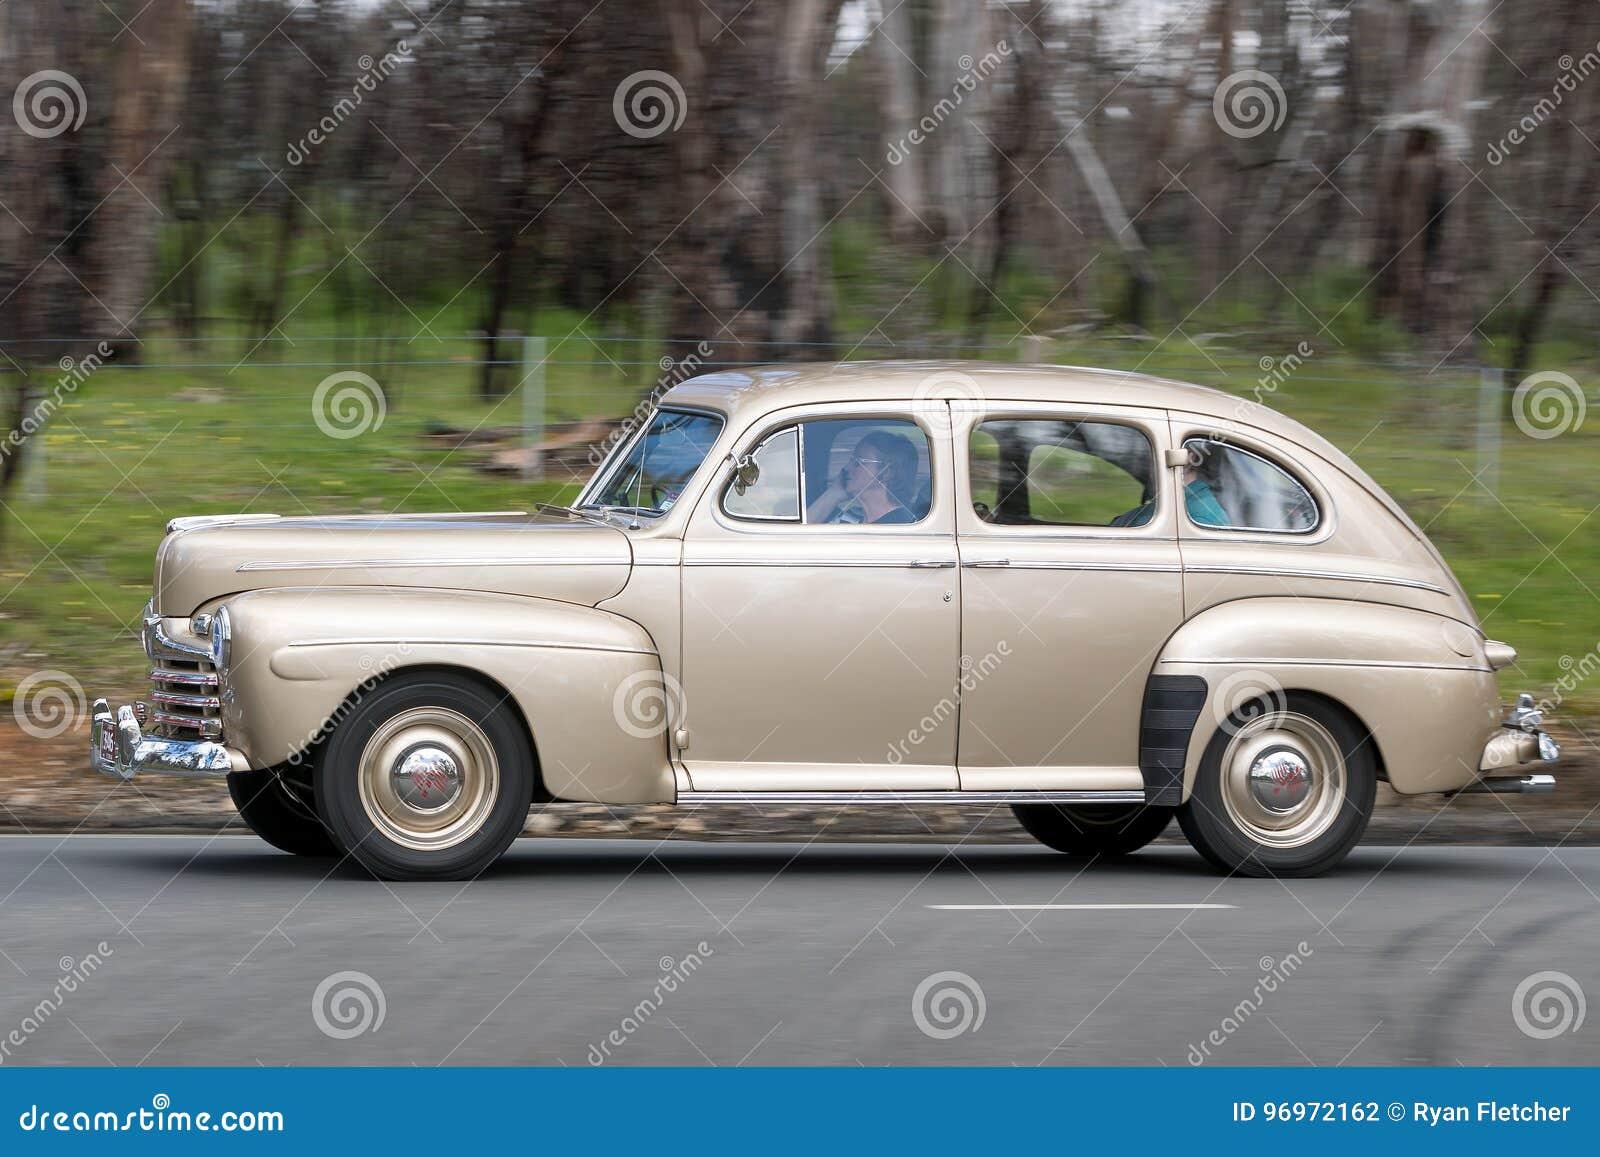 Ford Fordor Sedan 1946